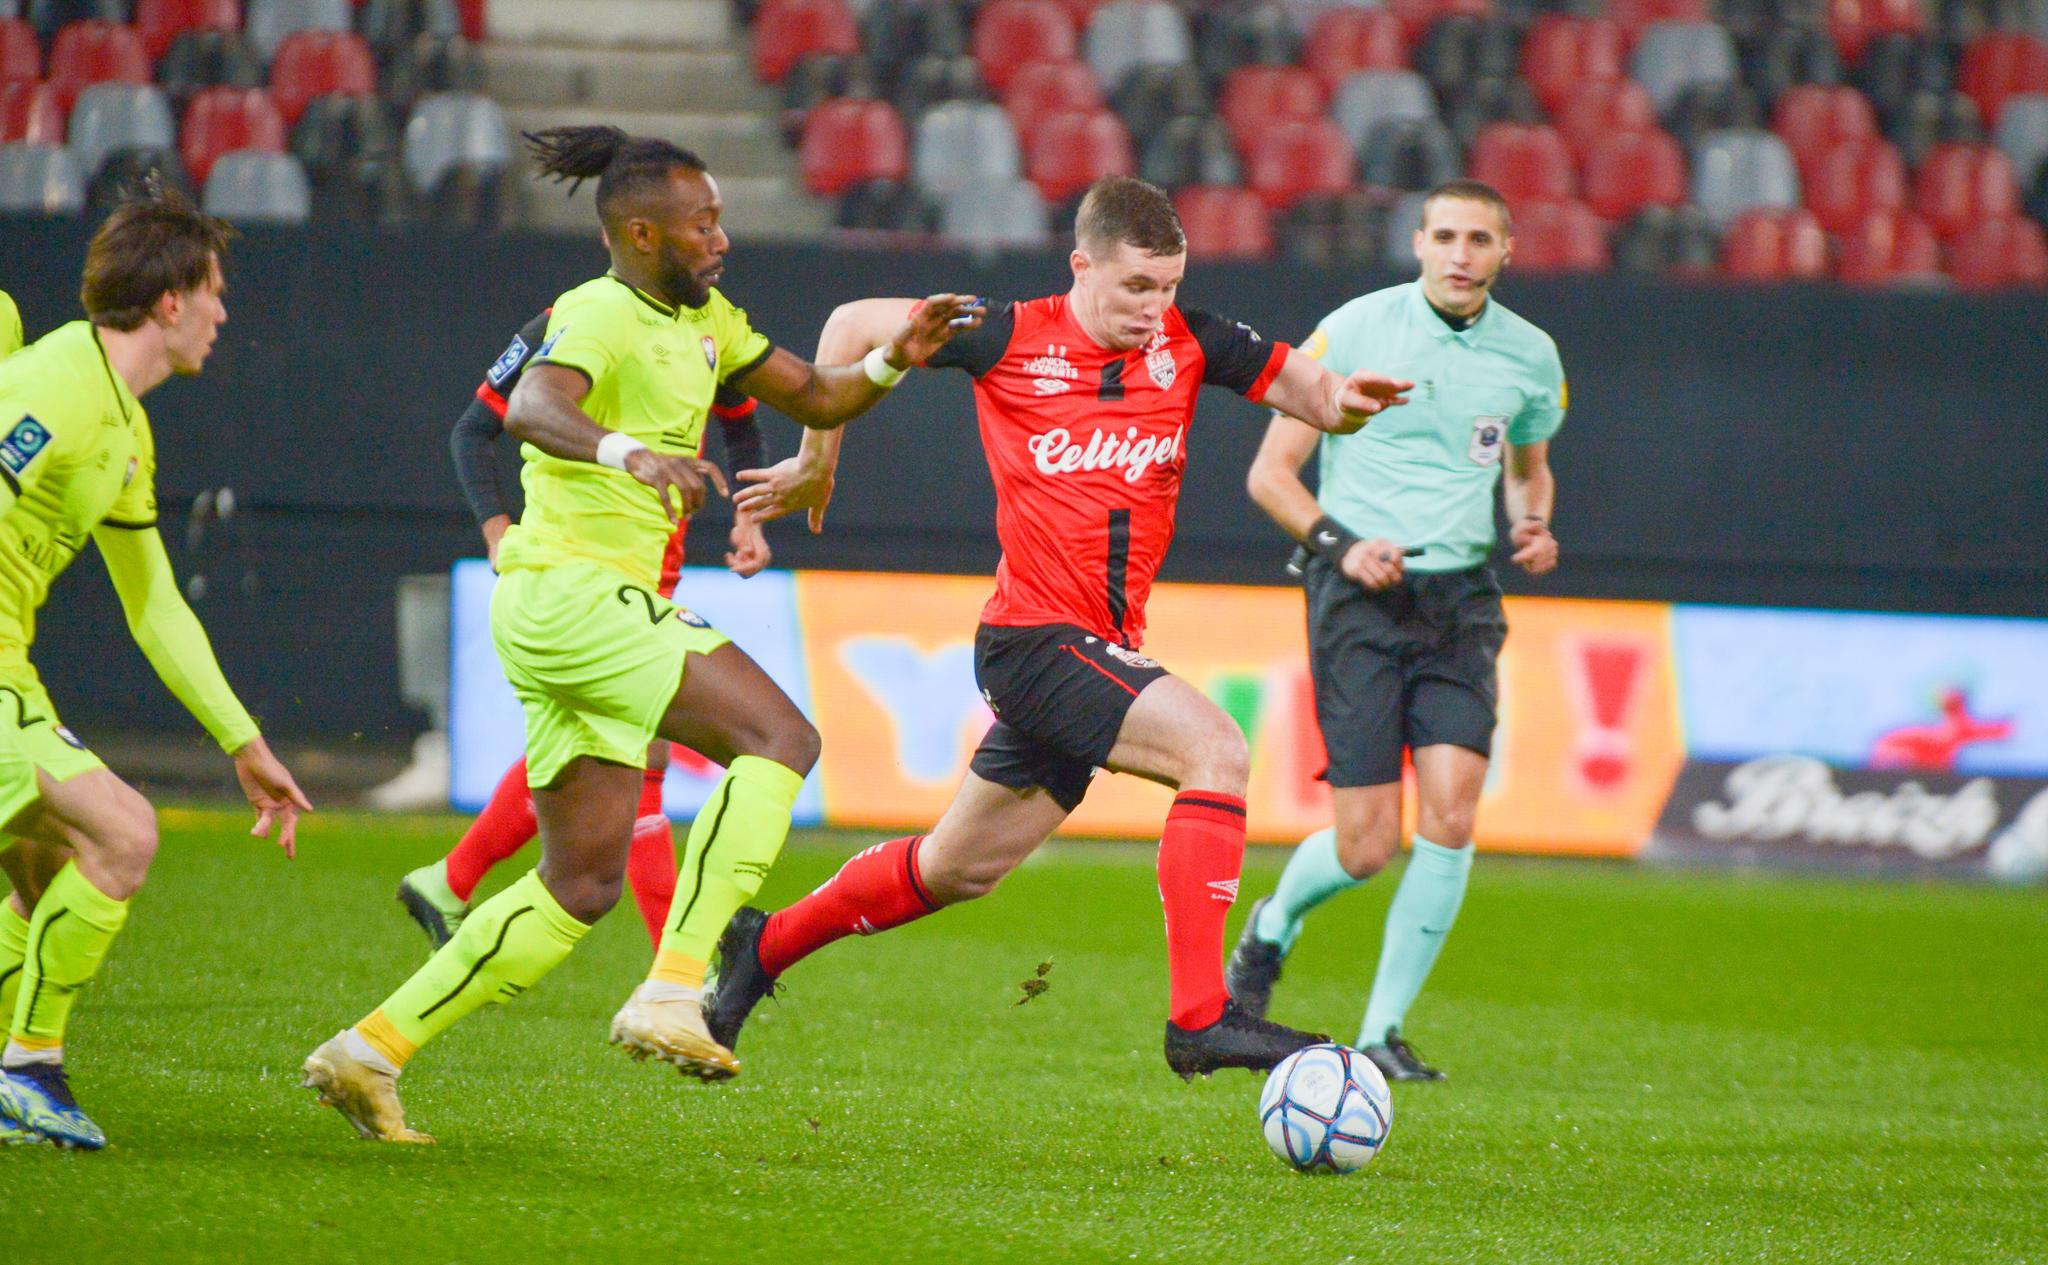 7 EA Guingamp SM Caen 2-2 Ligue 2 BKT Journée 26 2020-21 22 02 2021 EAGSMC